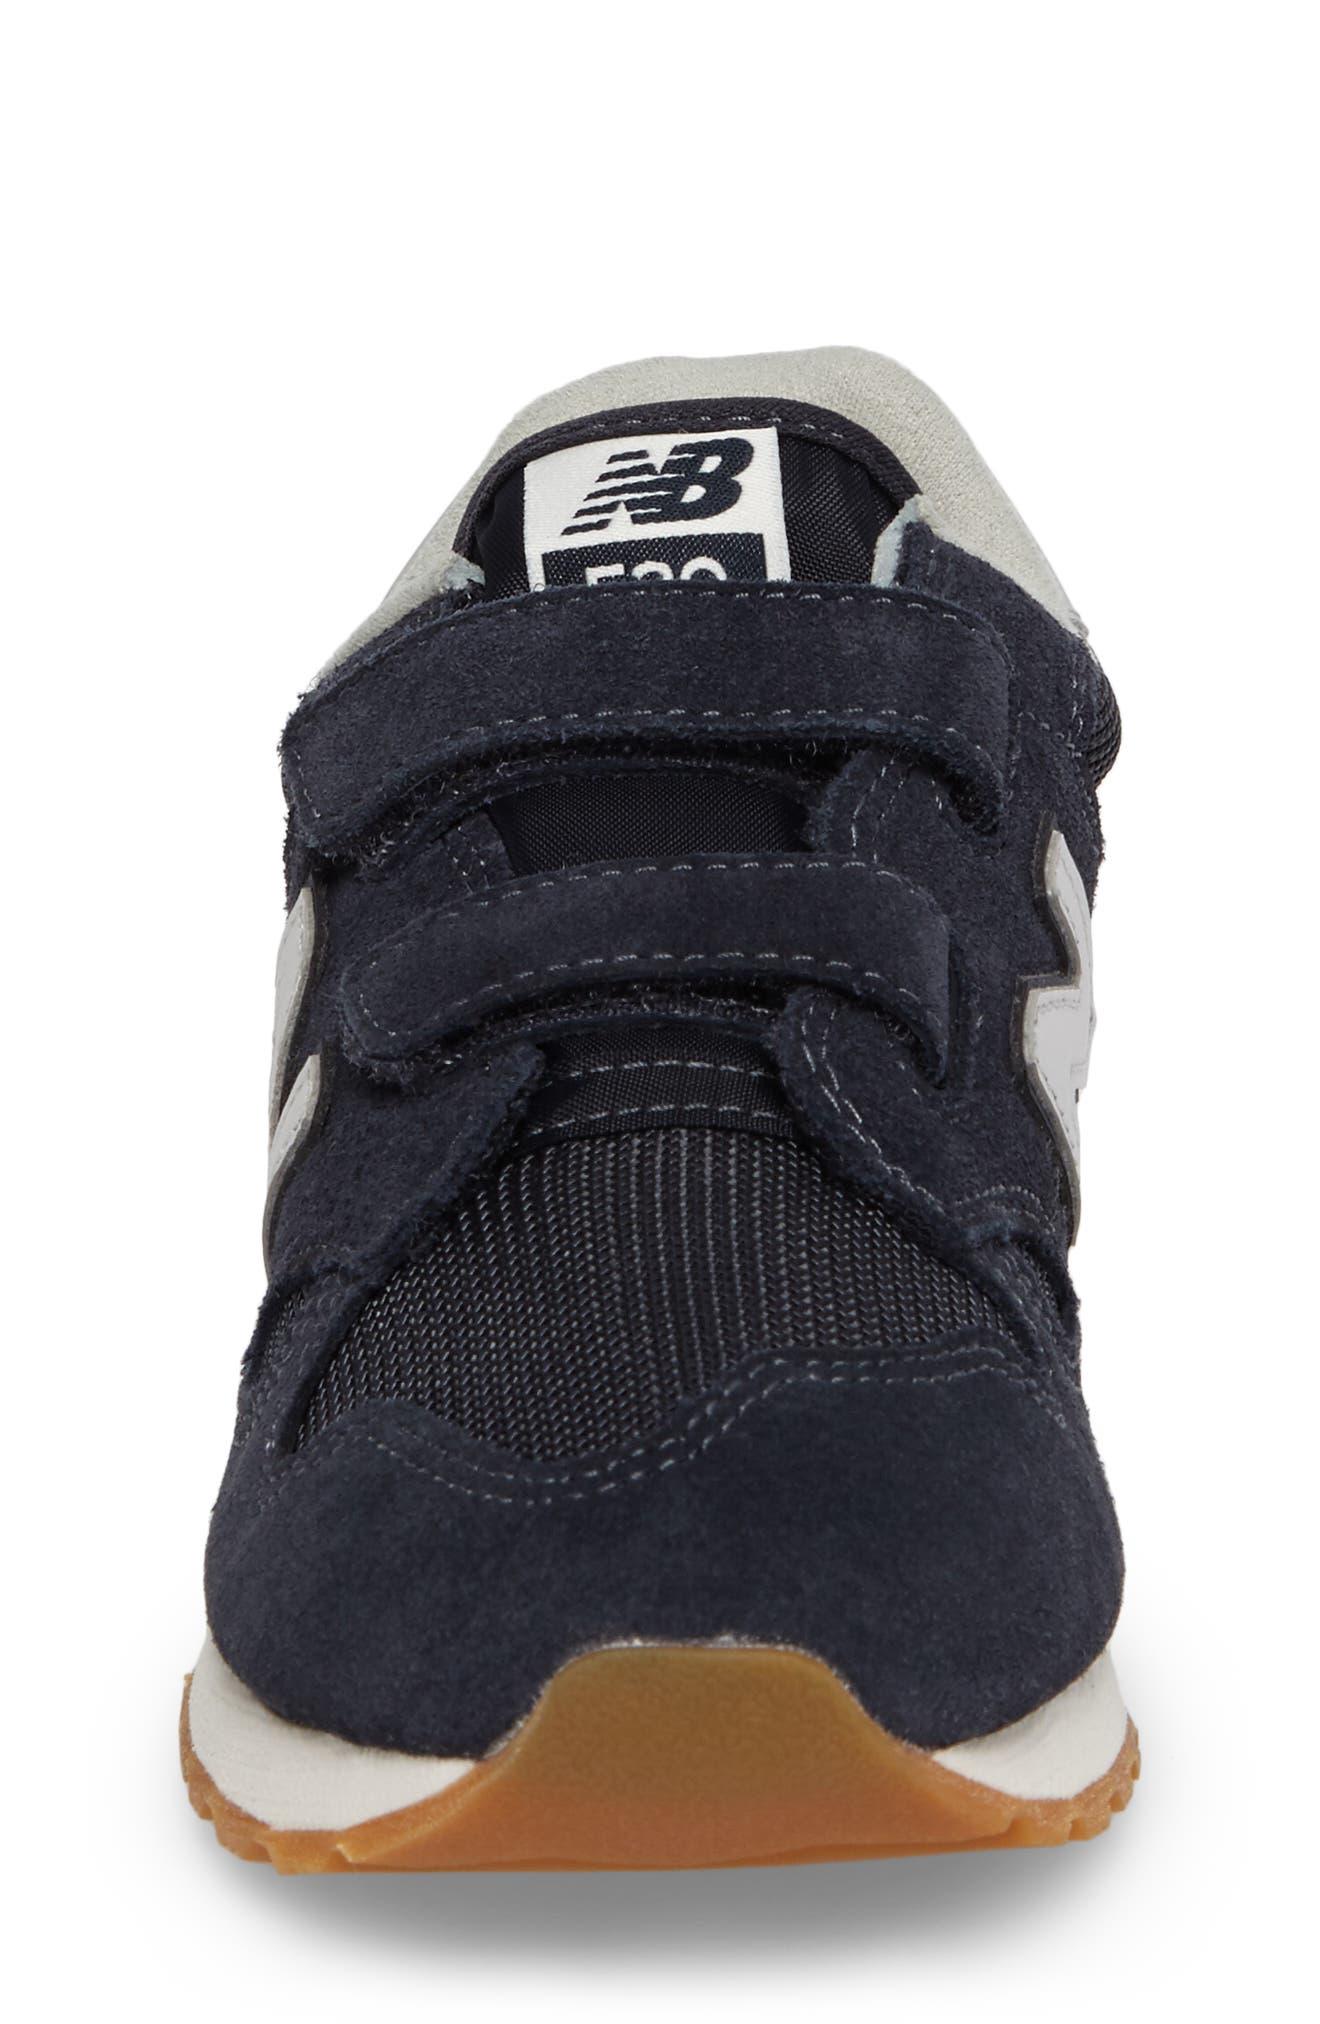 Alternate Image 4  - New Balance 520 Sneaker (Baby, Walker, Toddler & Little Kid)